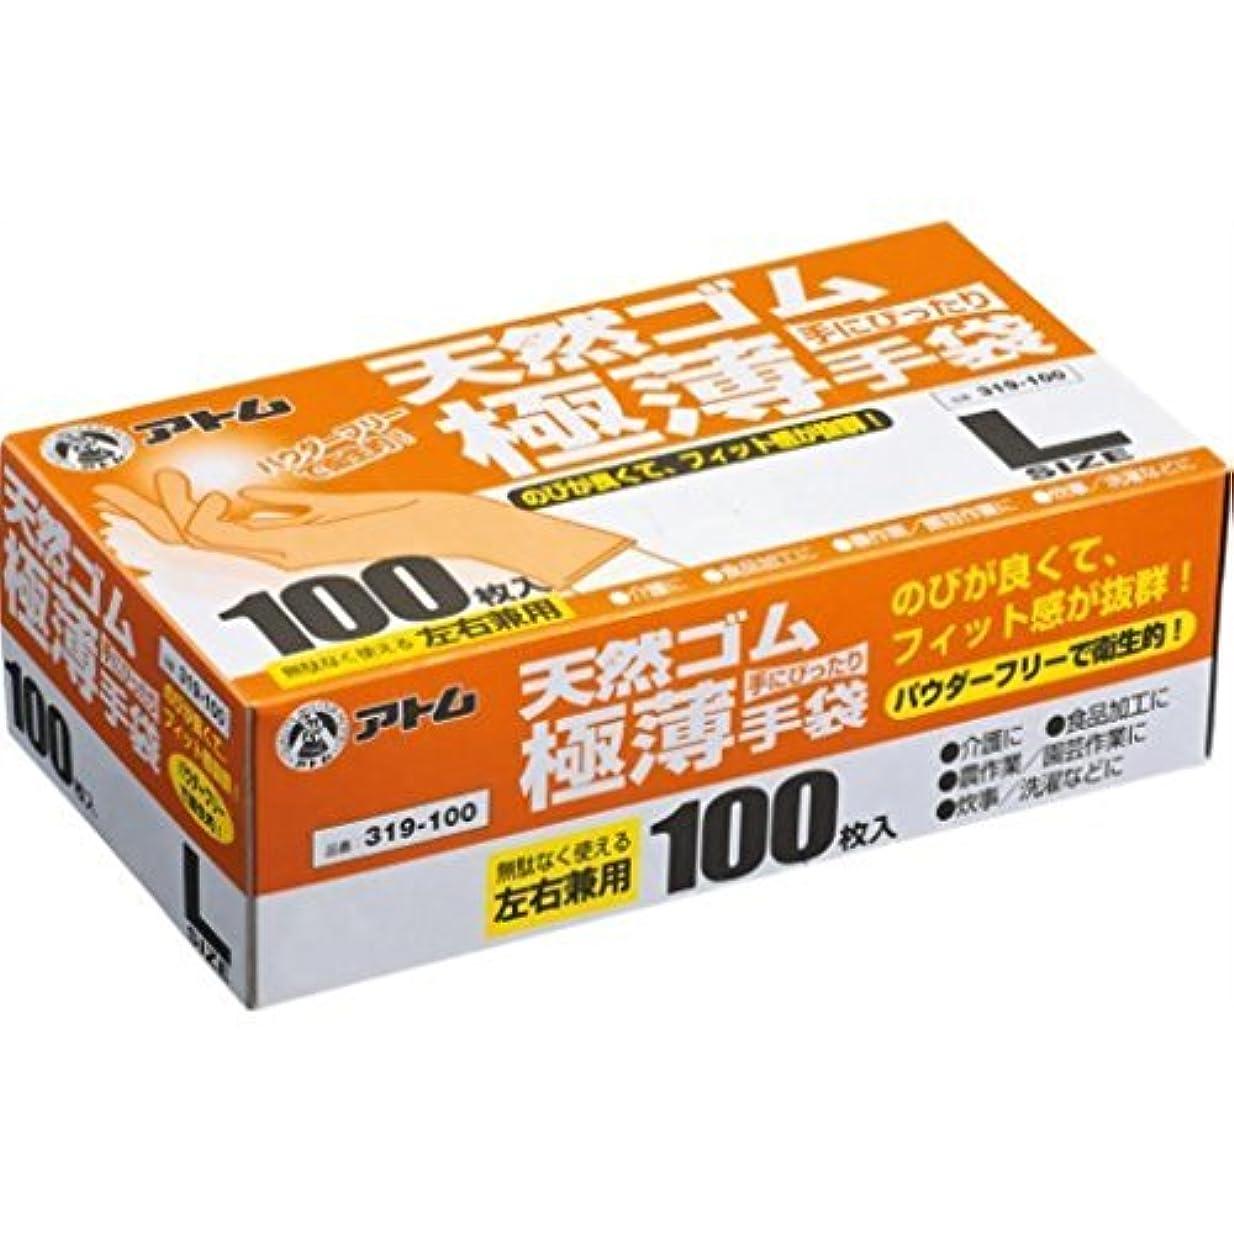 トラック包括的バッジ(まとめ買い)アトム 極薄手袋パウダーフリーL乳白100枚 319-100 【×3セット】